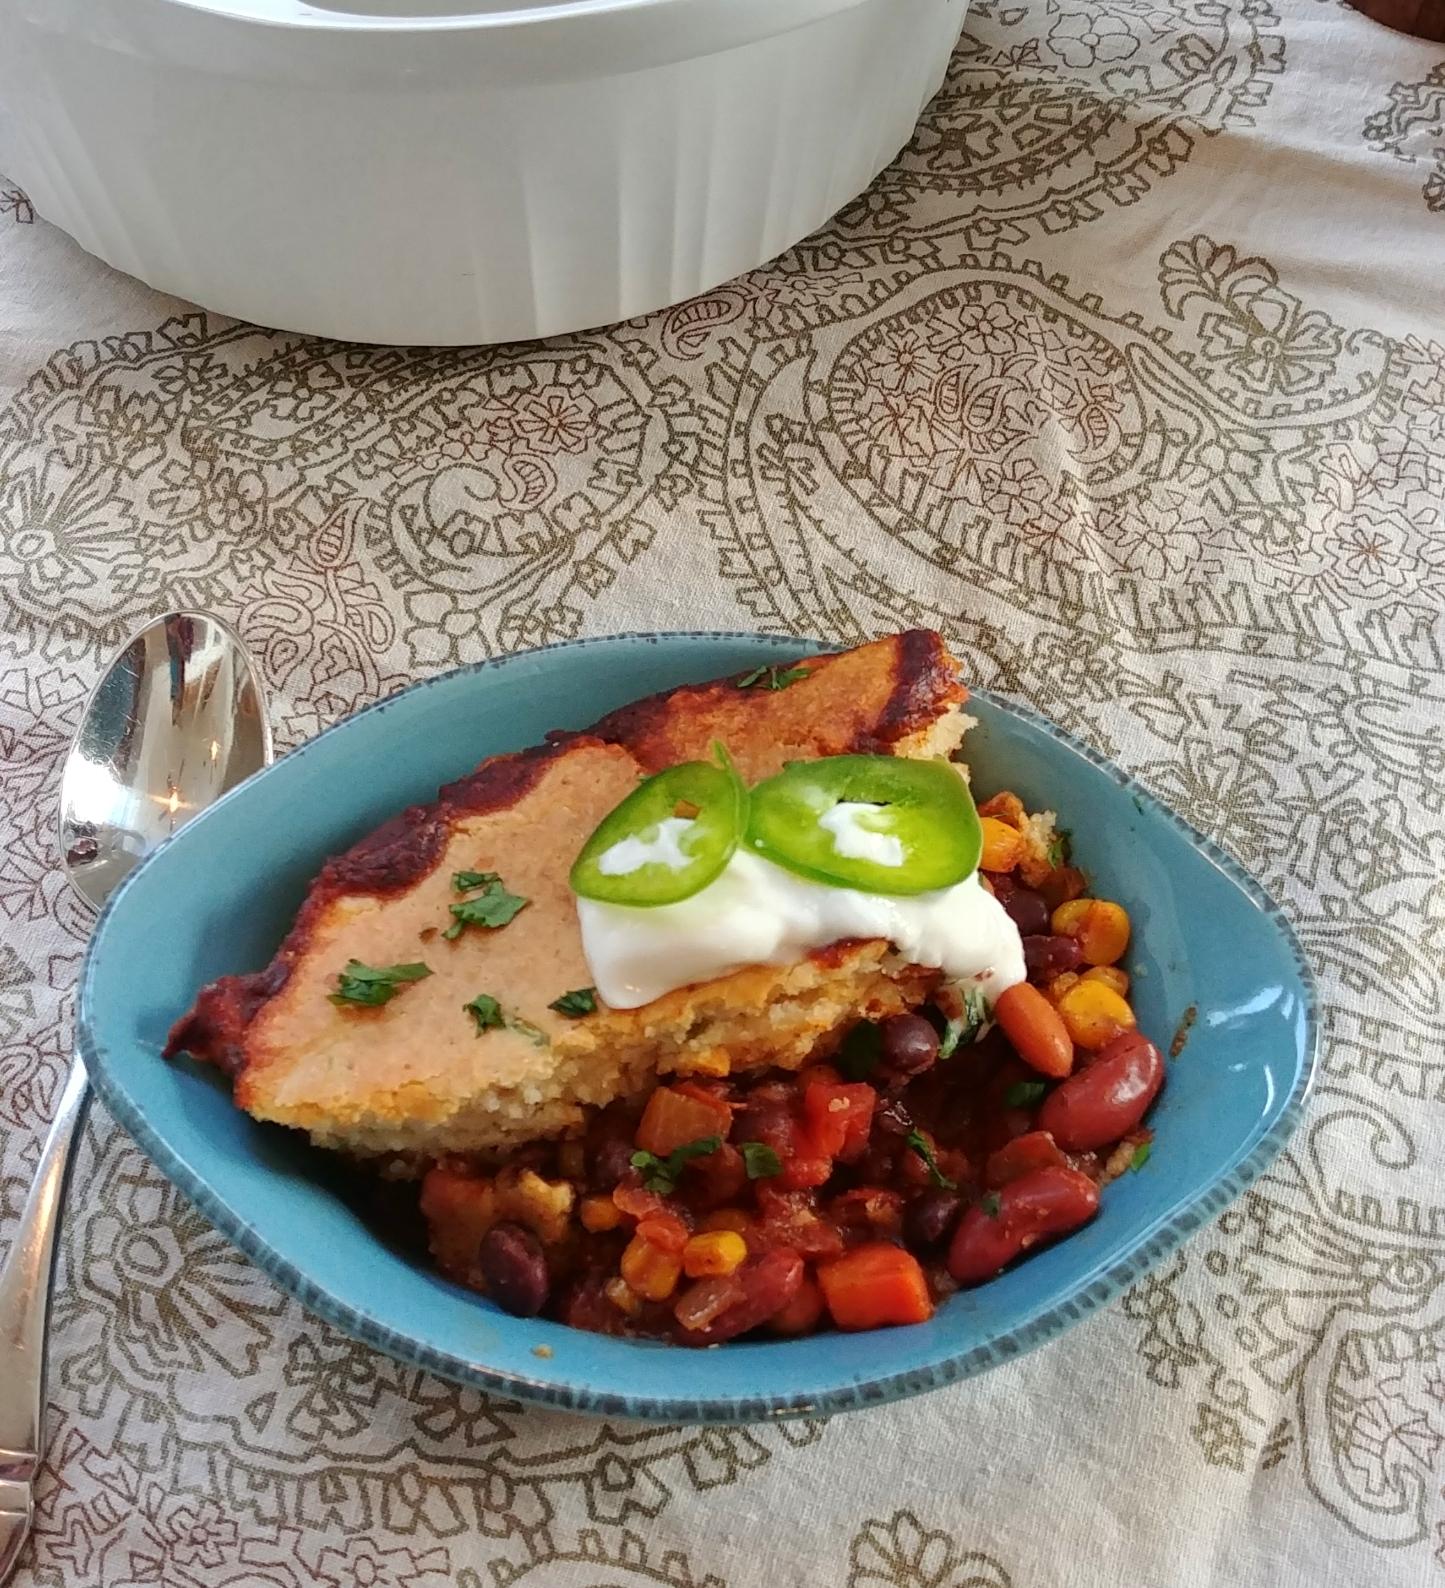 Veggie Chili Cornbread Casserole